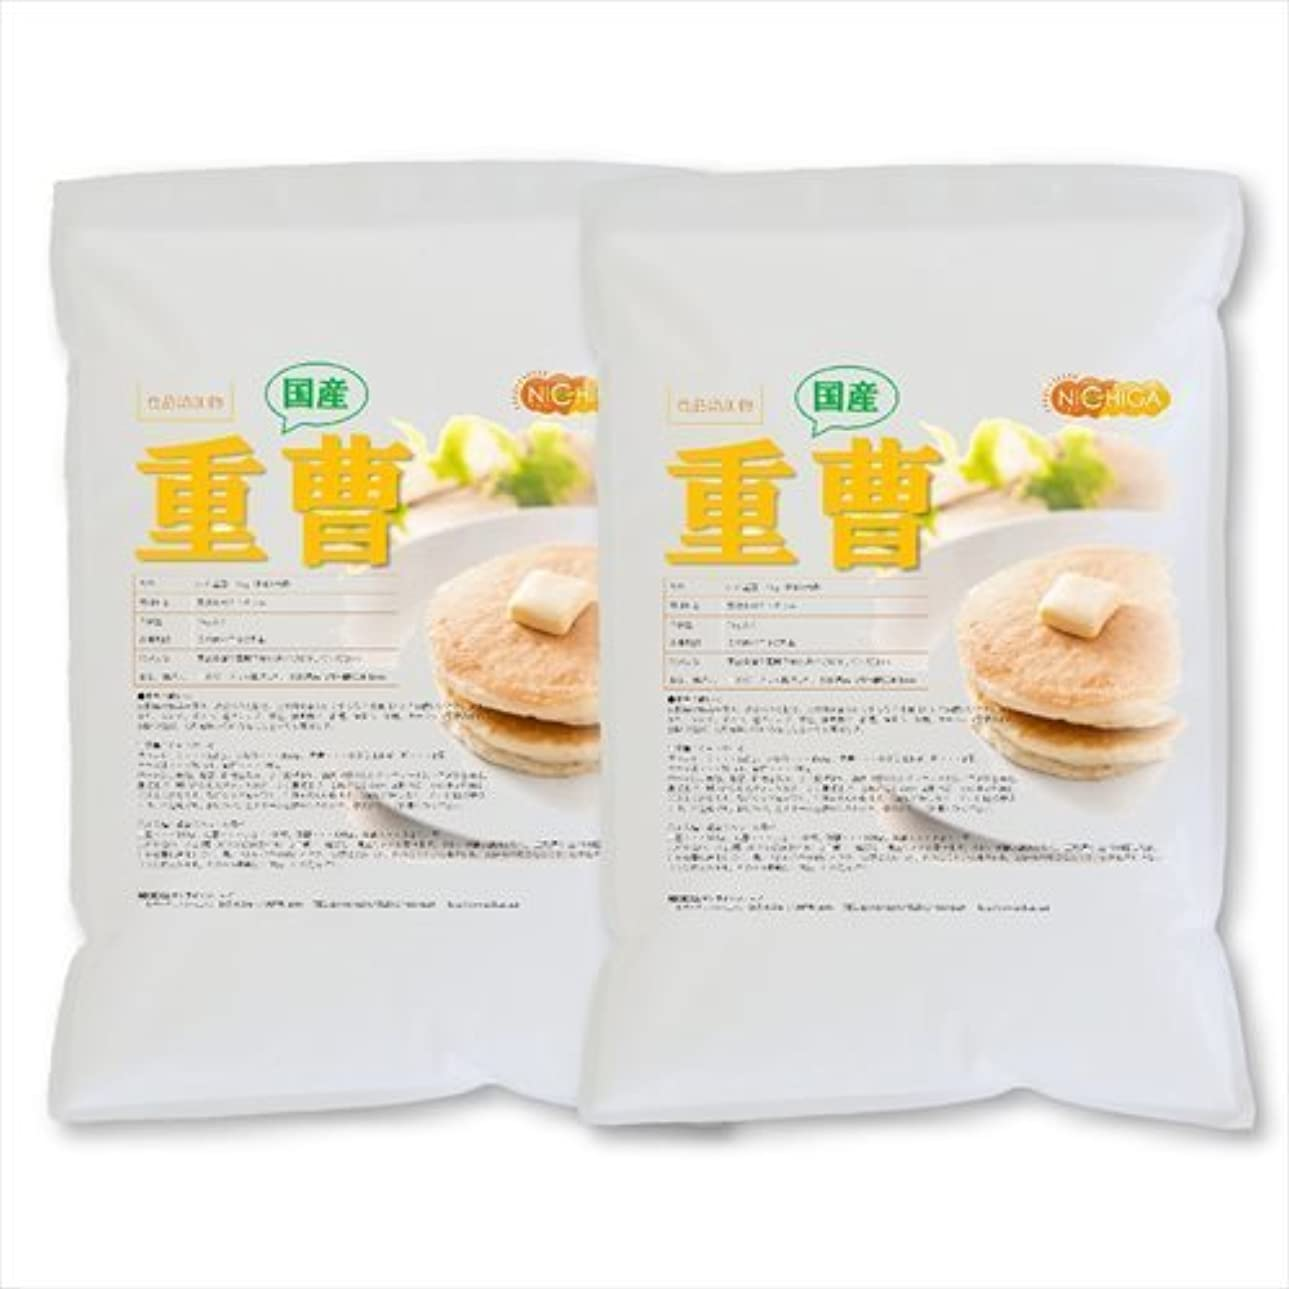 詐欺液化するロータリーAGC製 重曹5kg×2袋(炭酸水素ナトリウム)[02] 食品添加物(食品用)国産重曹 NICHIGA(ニチガ)